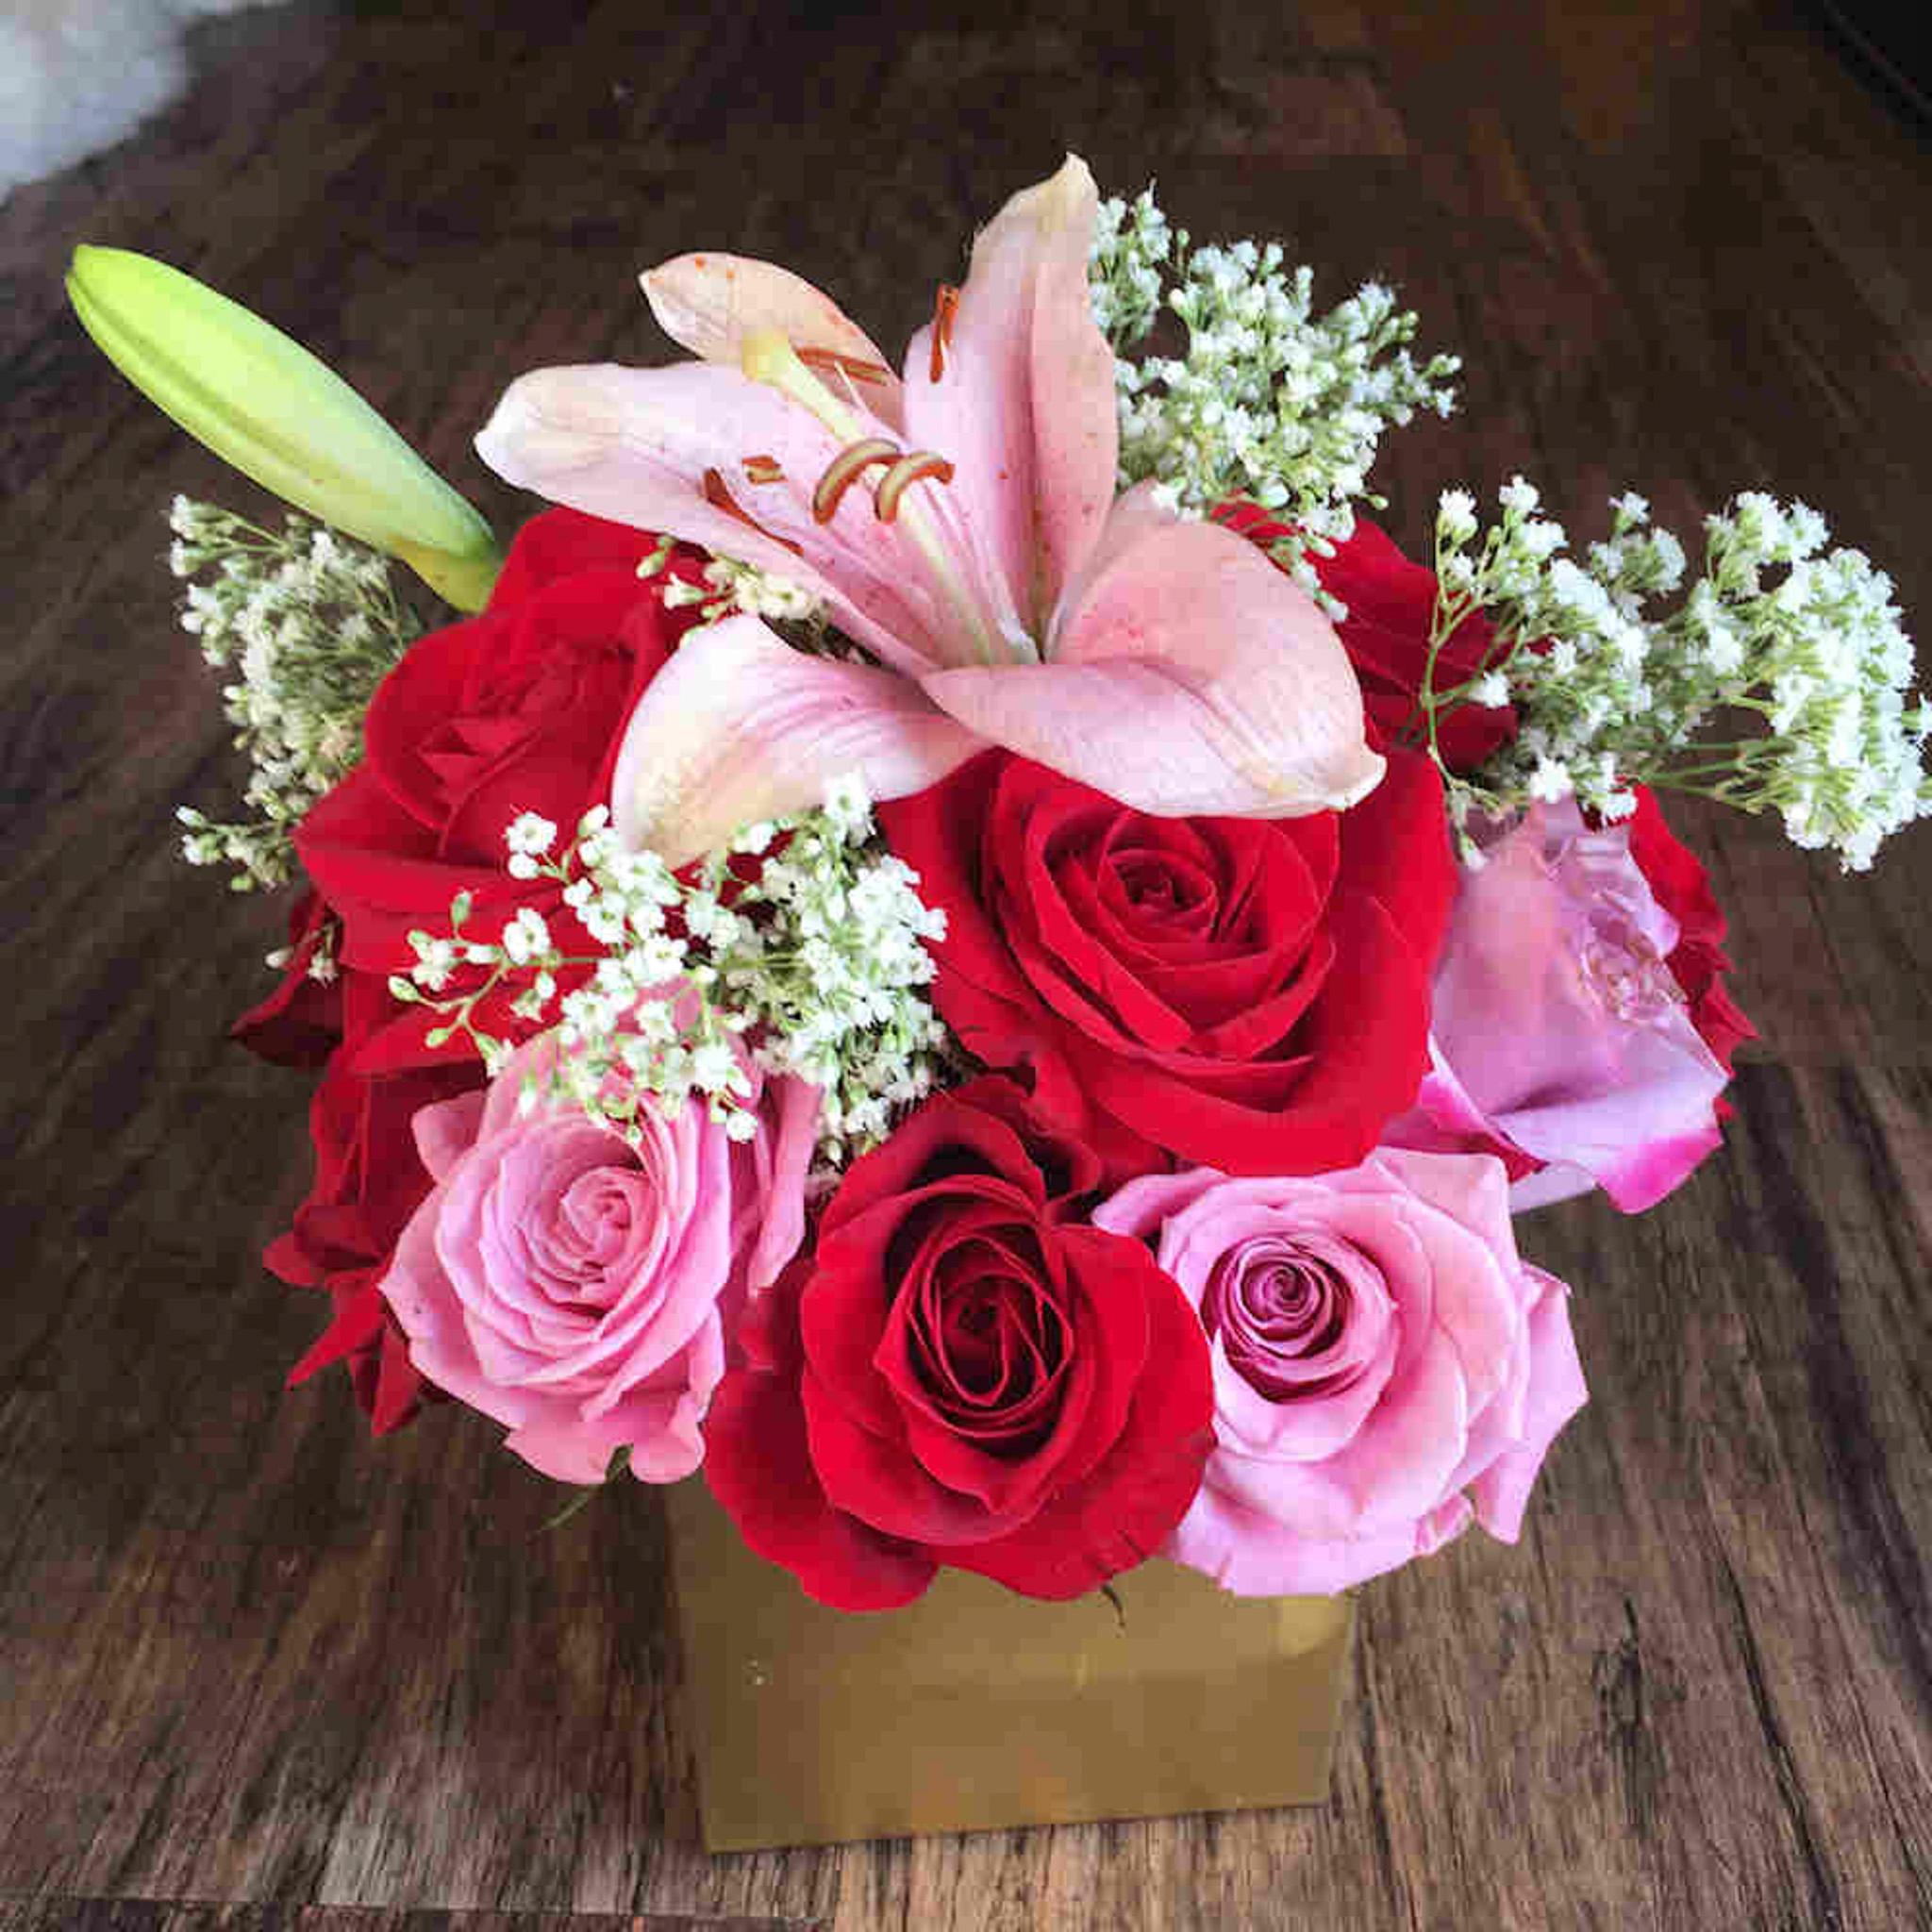 pink_red_flower_bouquet.jpg